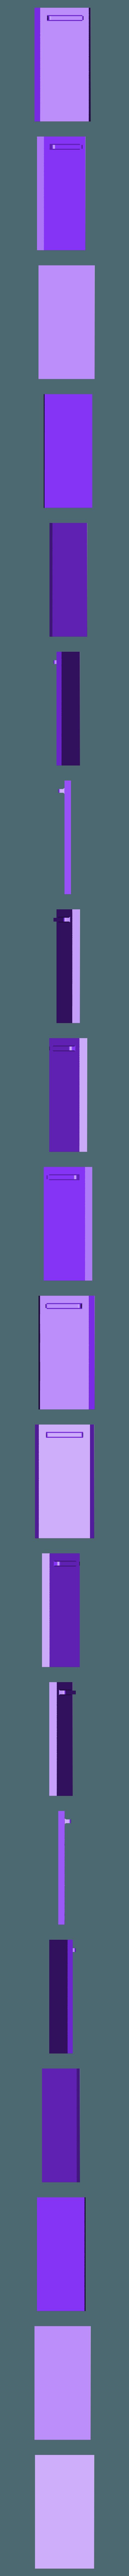 gluco_case_SLIDER_.stl Télécharger fichier STL gratuit glucomètre FreeStyle Optium Neo • Modèle pour impression 3D, rubenzilzer